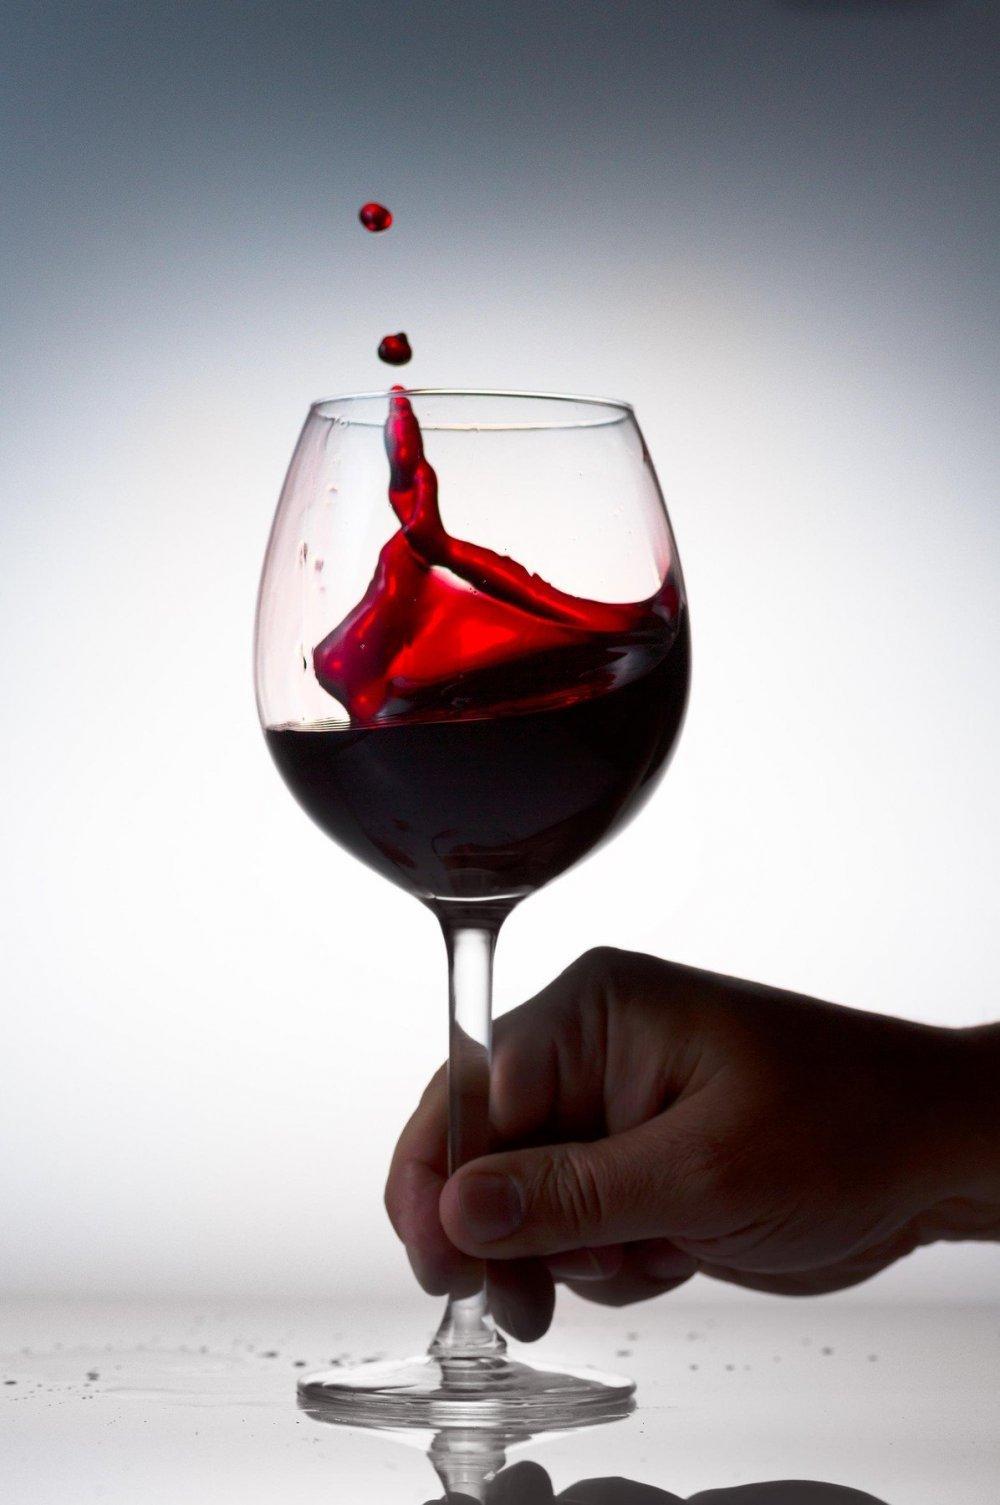 hipertenzija koja vina se može konzumirati liječenje hipertenzije prestarium